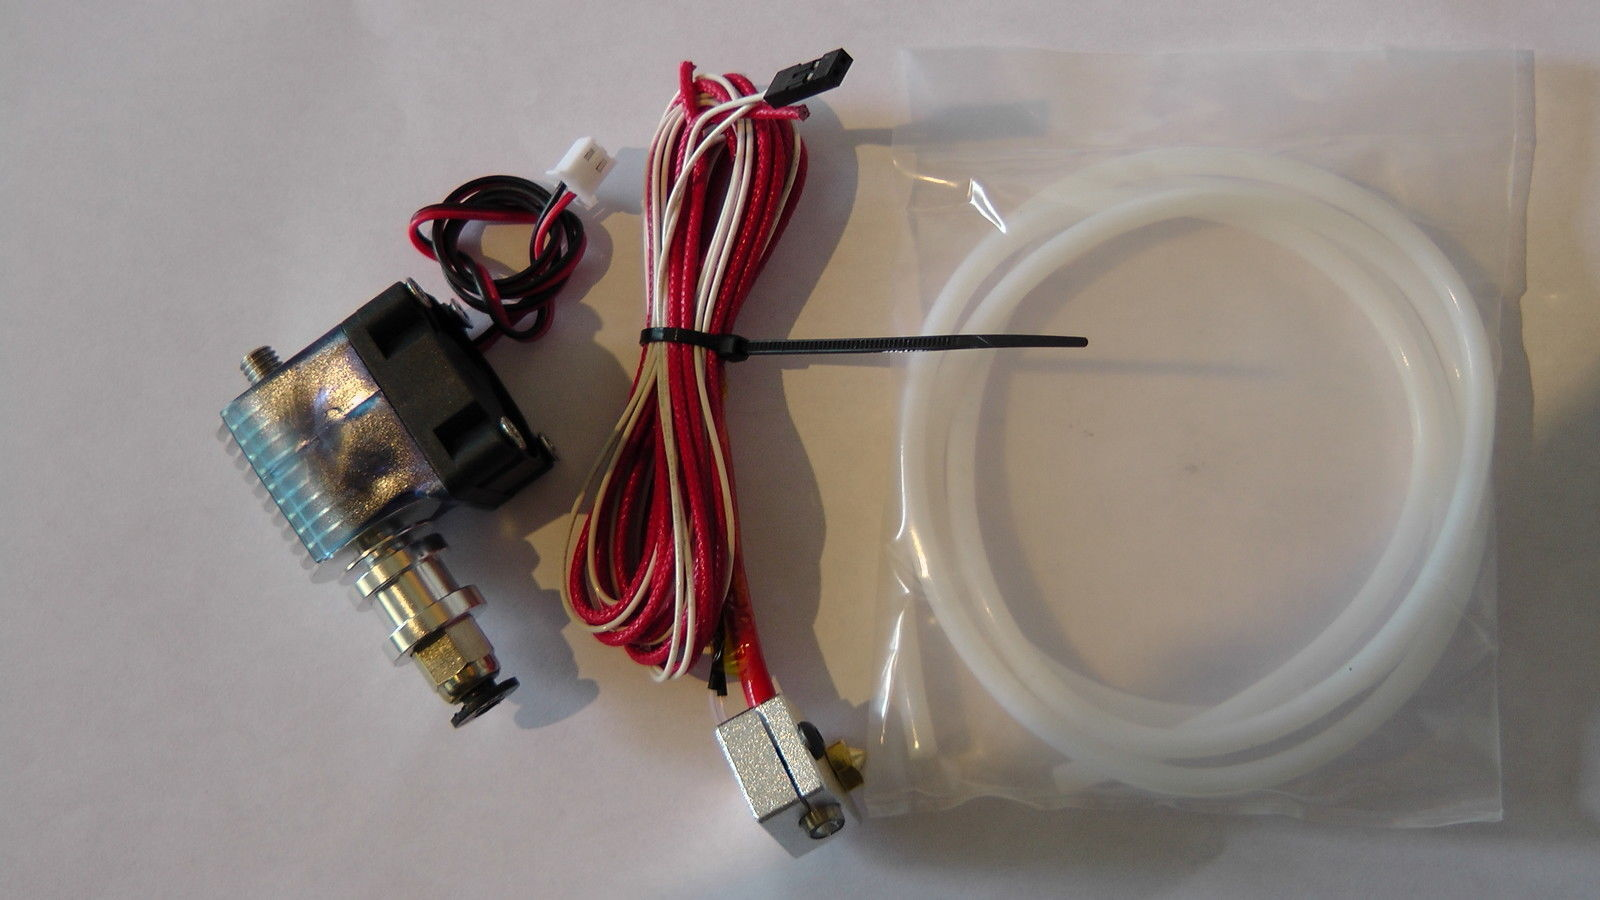 E3D v6 J-Head Hotend + Fan, Bowden Extruder + 1 Metre PTFE - 3D printer Part